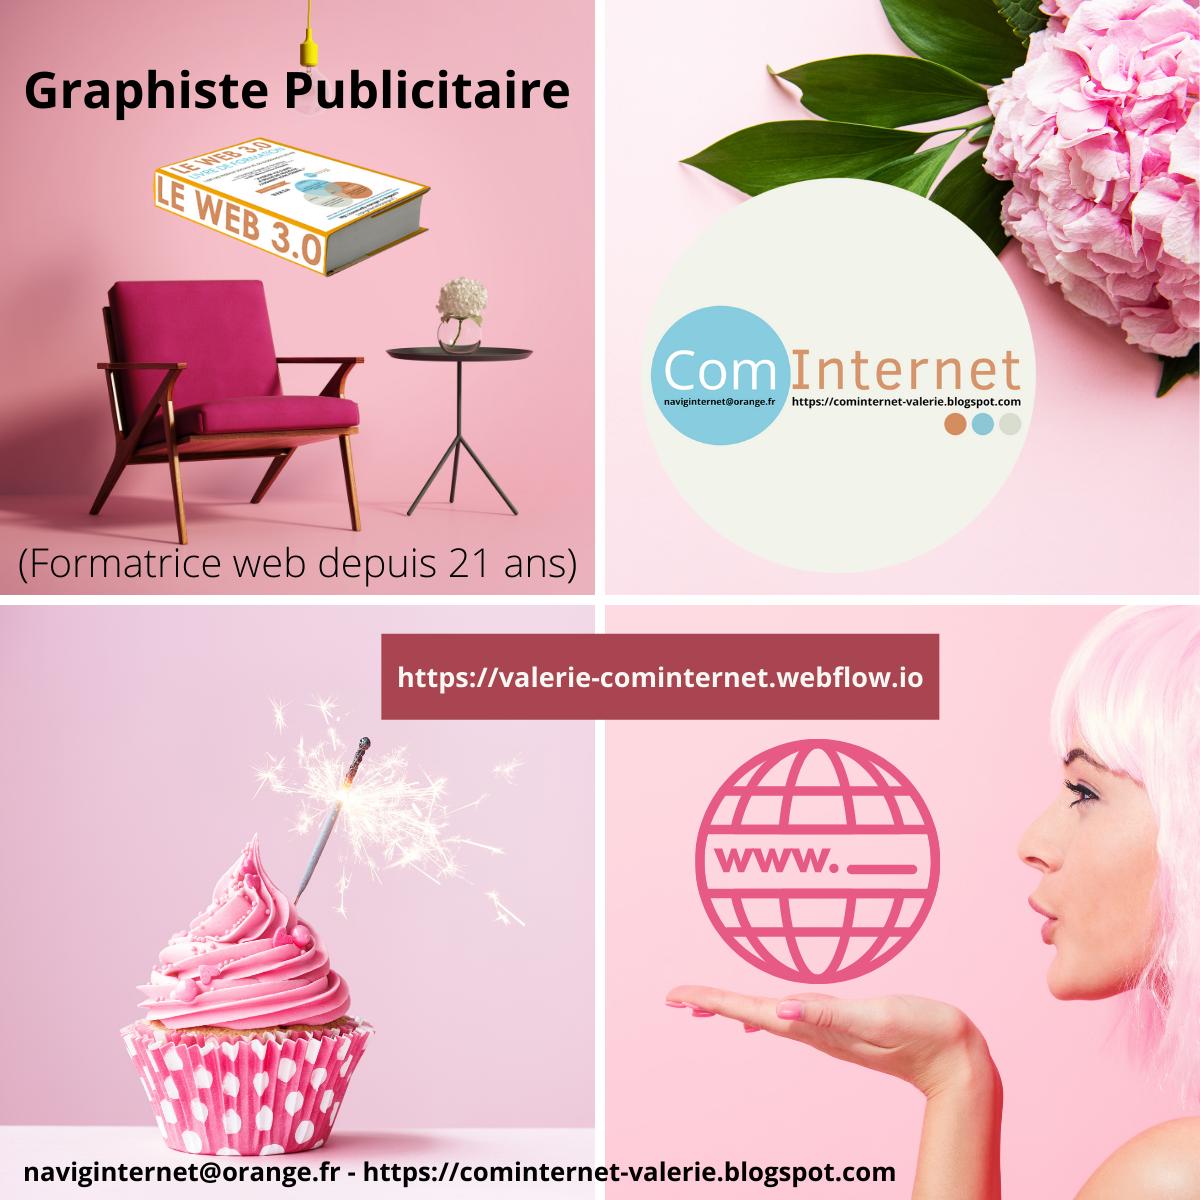 l Graphiste Publicitaire  Sa          naviginternet@orange.fr - https://cominternet-valerie.blogspot.com